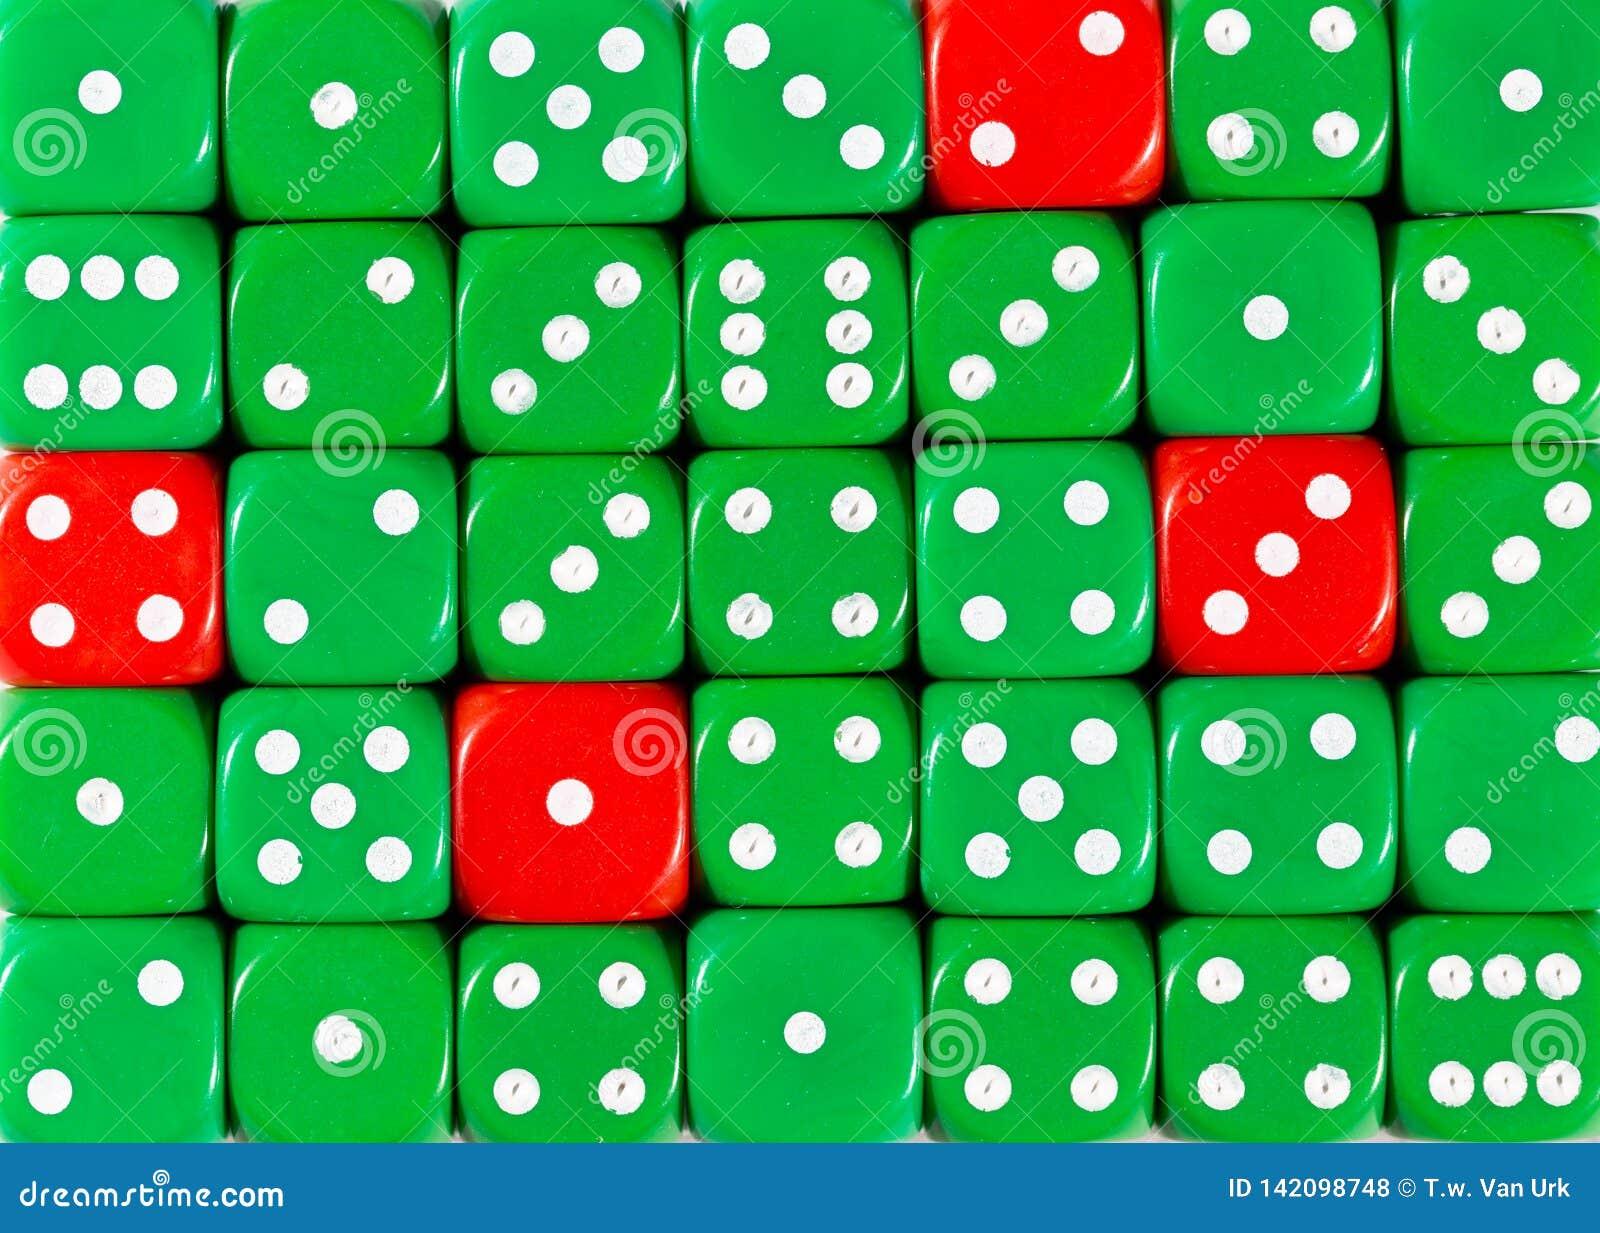 De achtergrond van willekeurige bevolen groen dobbelt met vier rode kubussen